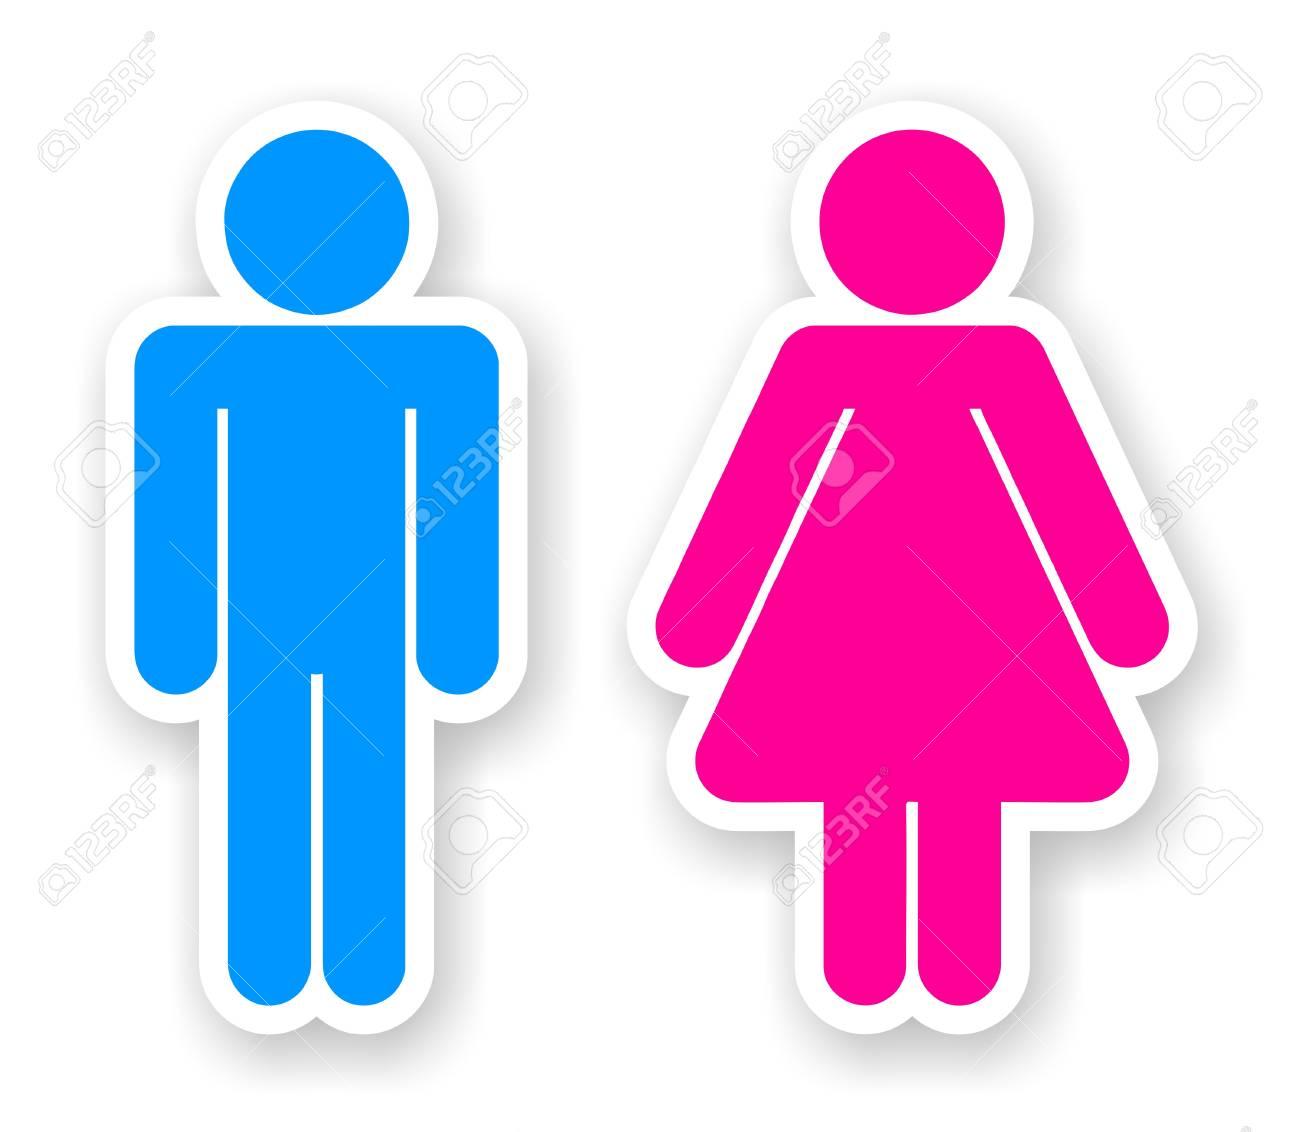 Pegatinas De Hombre Y Mujer Símbolos Aseo Fotos Retratos Imágenes